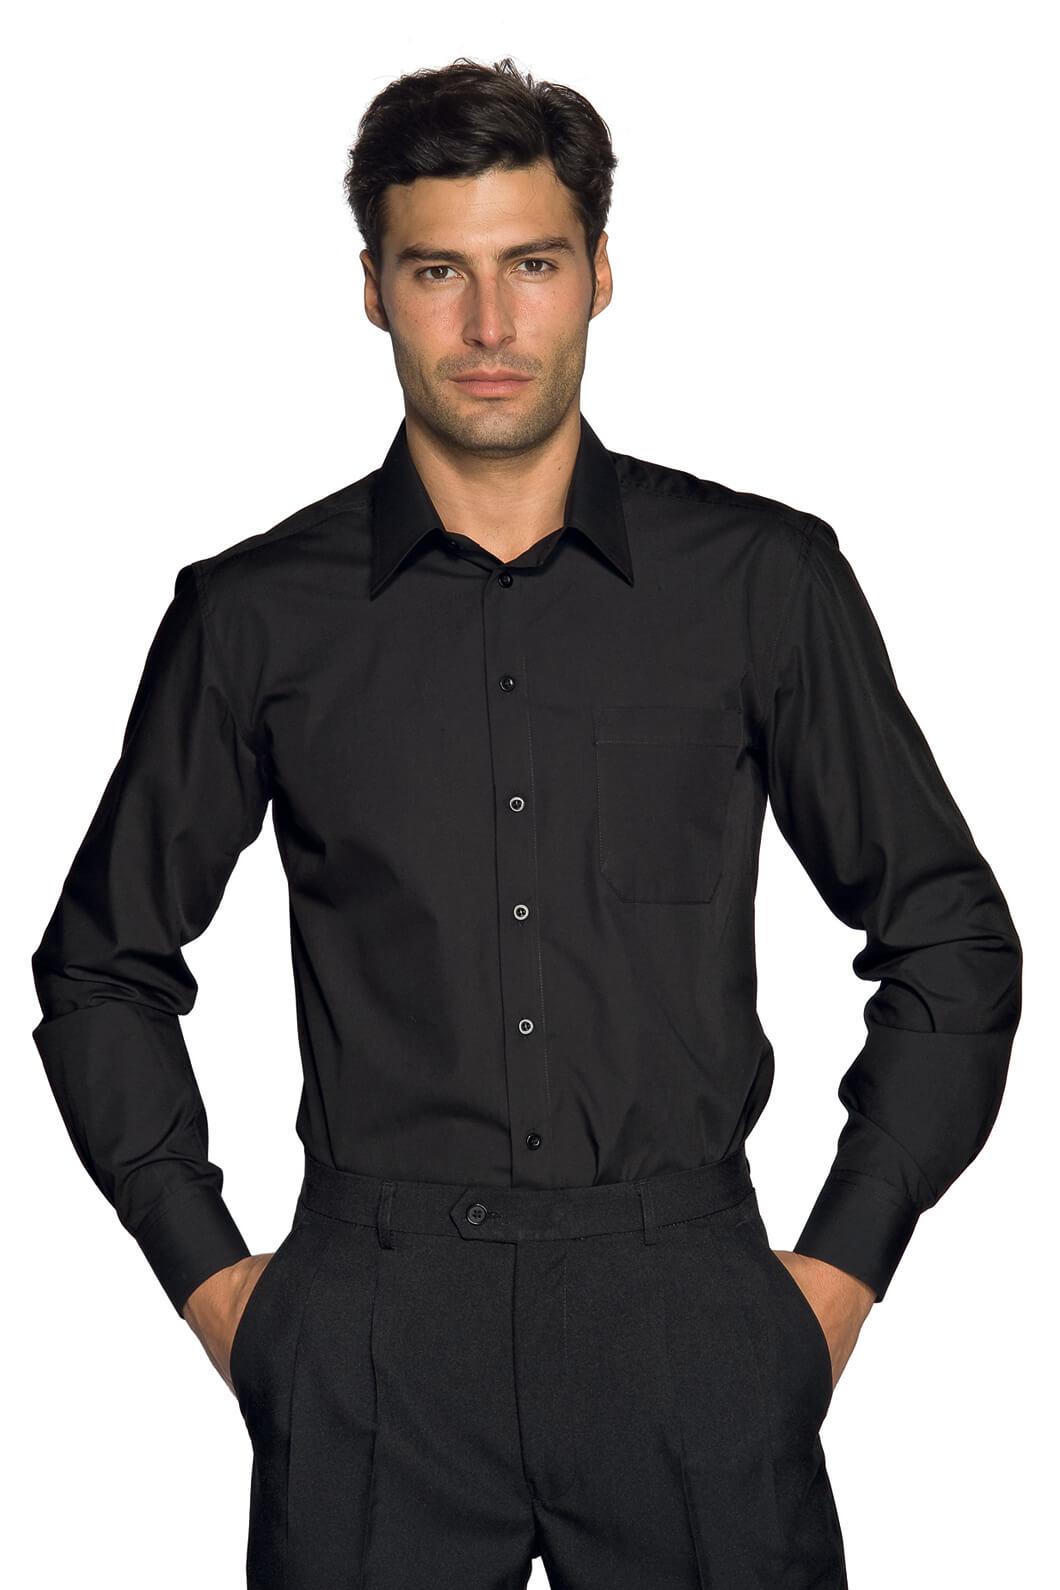 chemise homme cartagena noir restauration et r ception chemise et chemisette pour homme. Black Bedroom Furniture Sets. Home Design Ideas